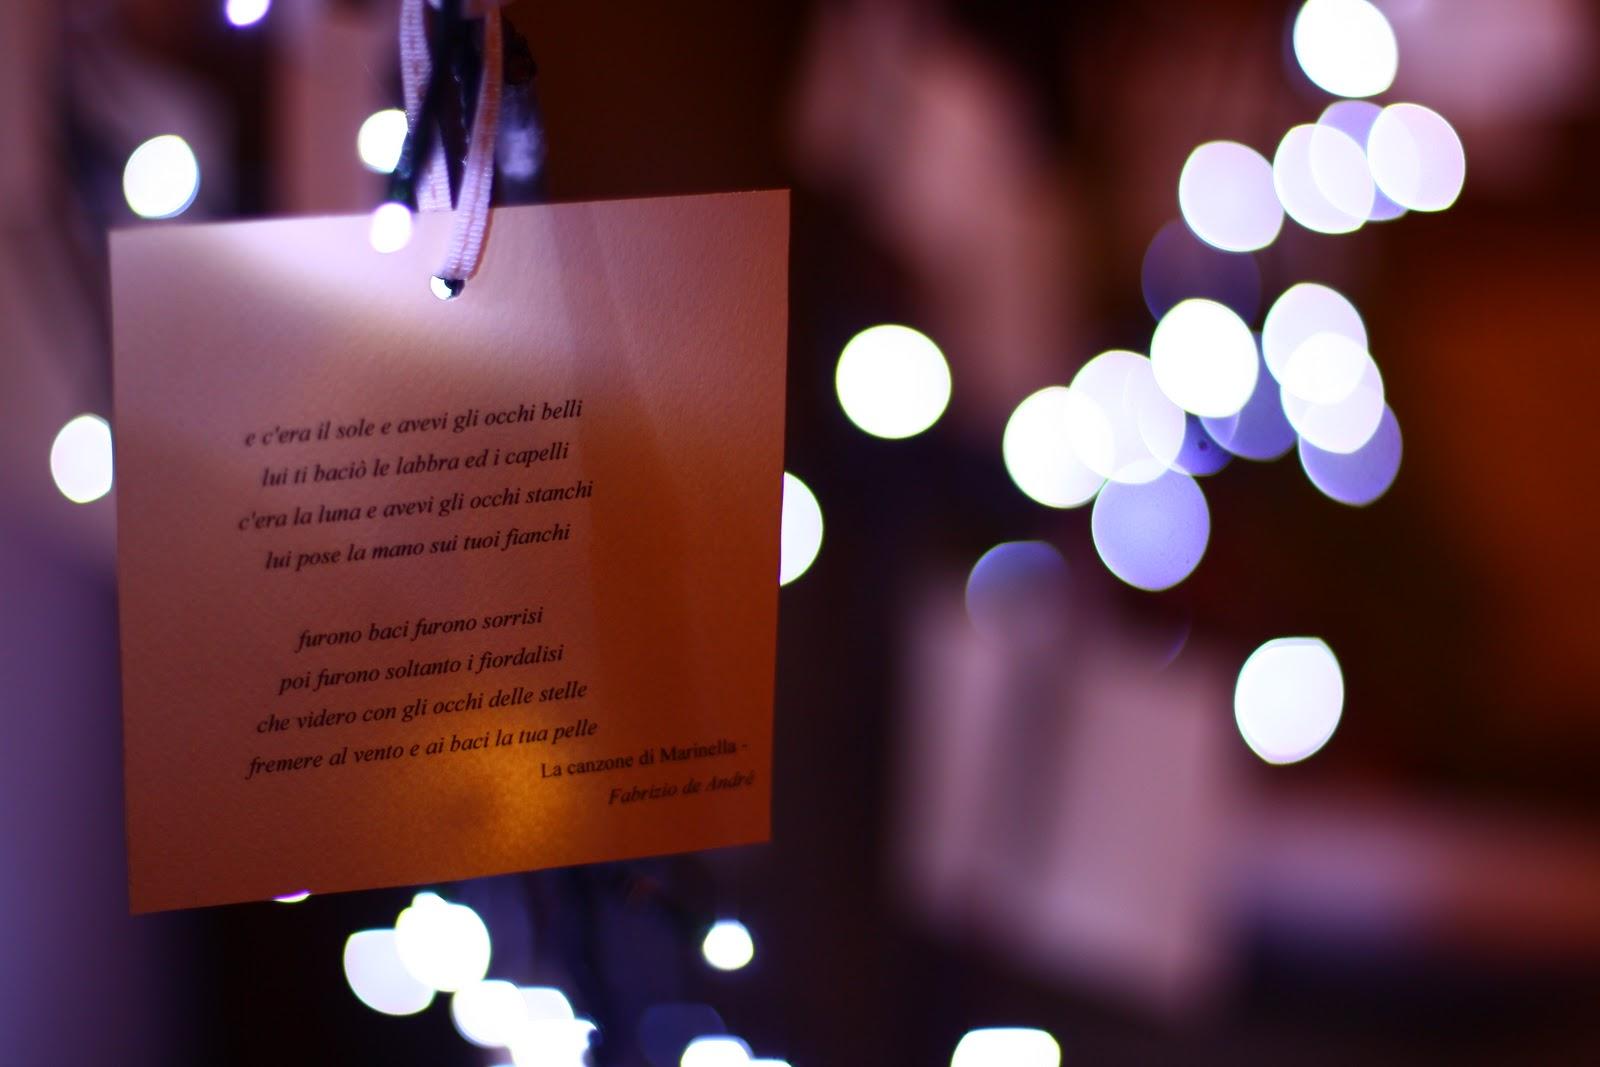 Auguri Di Natale Per Il Marito.Auguri Di Buon Natale Per Un Marito Disegni Di Natale 2019